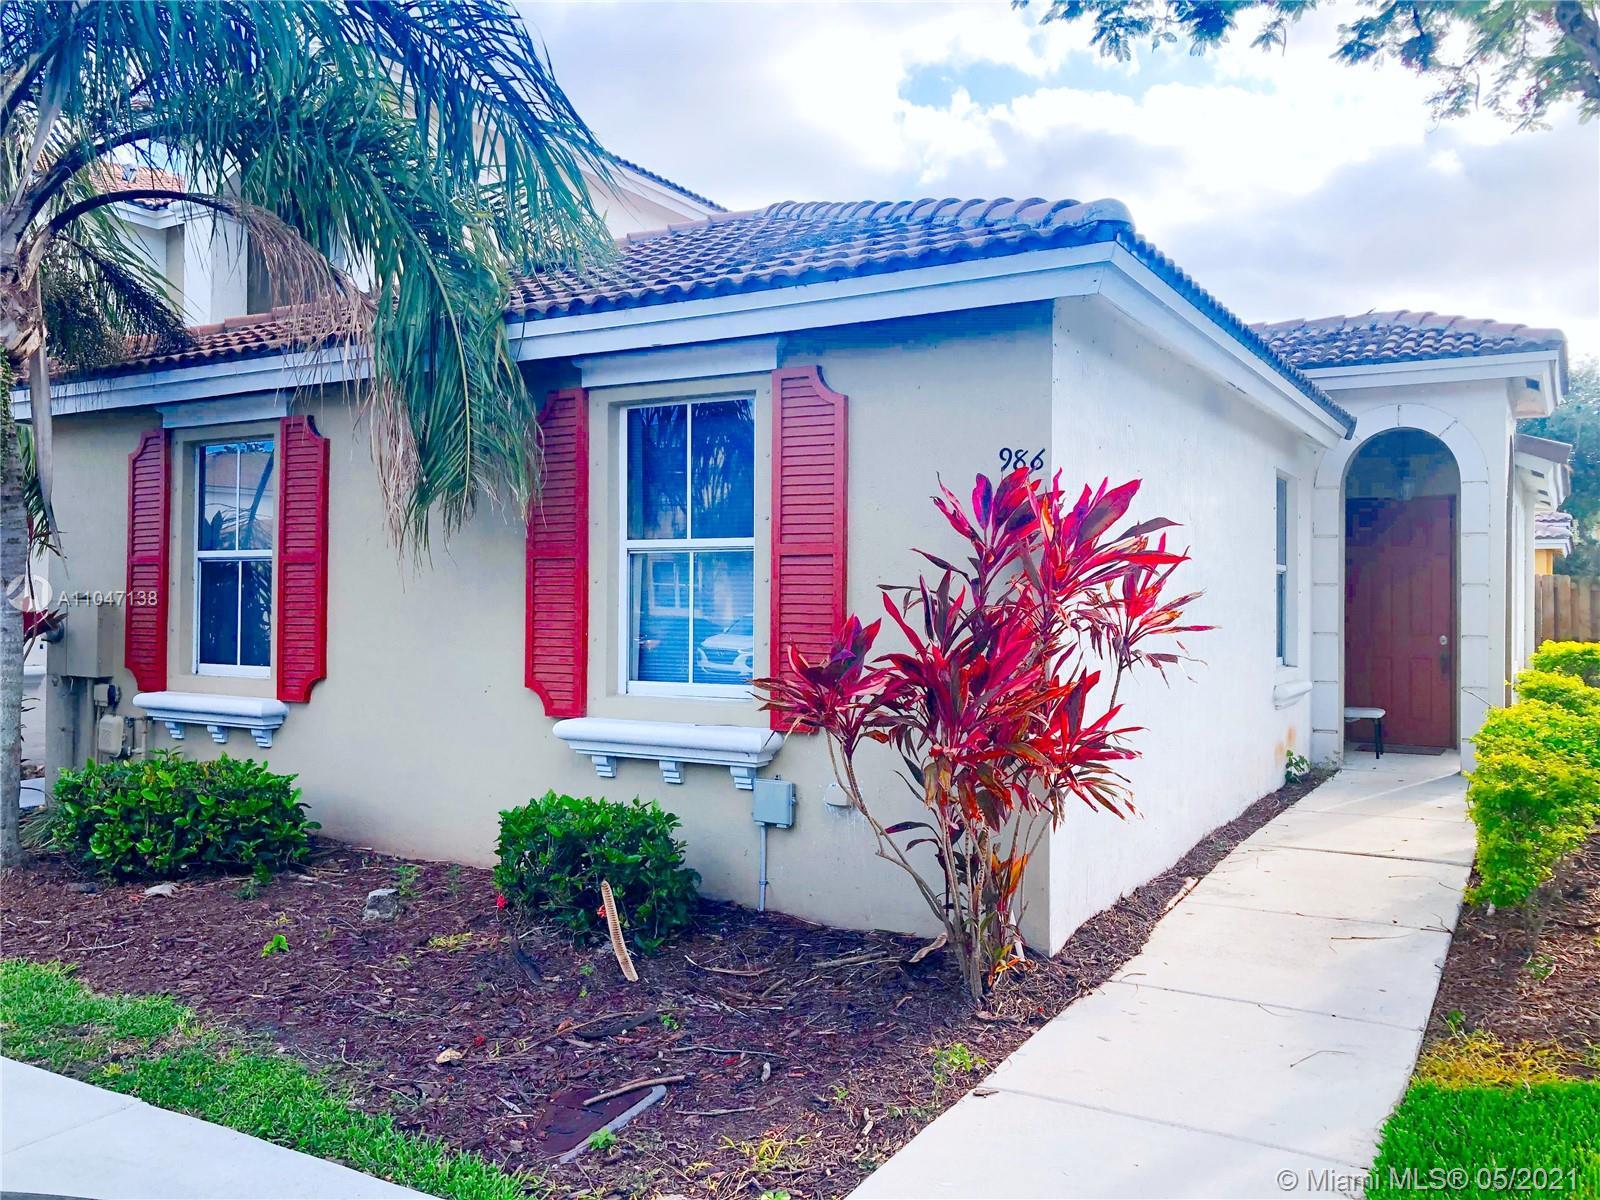 986 Ne 42nd Pl Property Photo